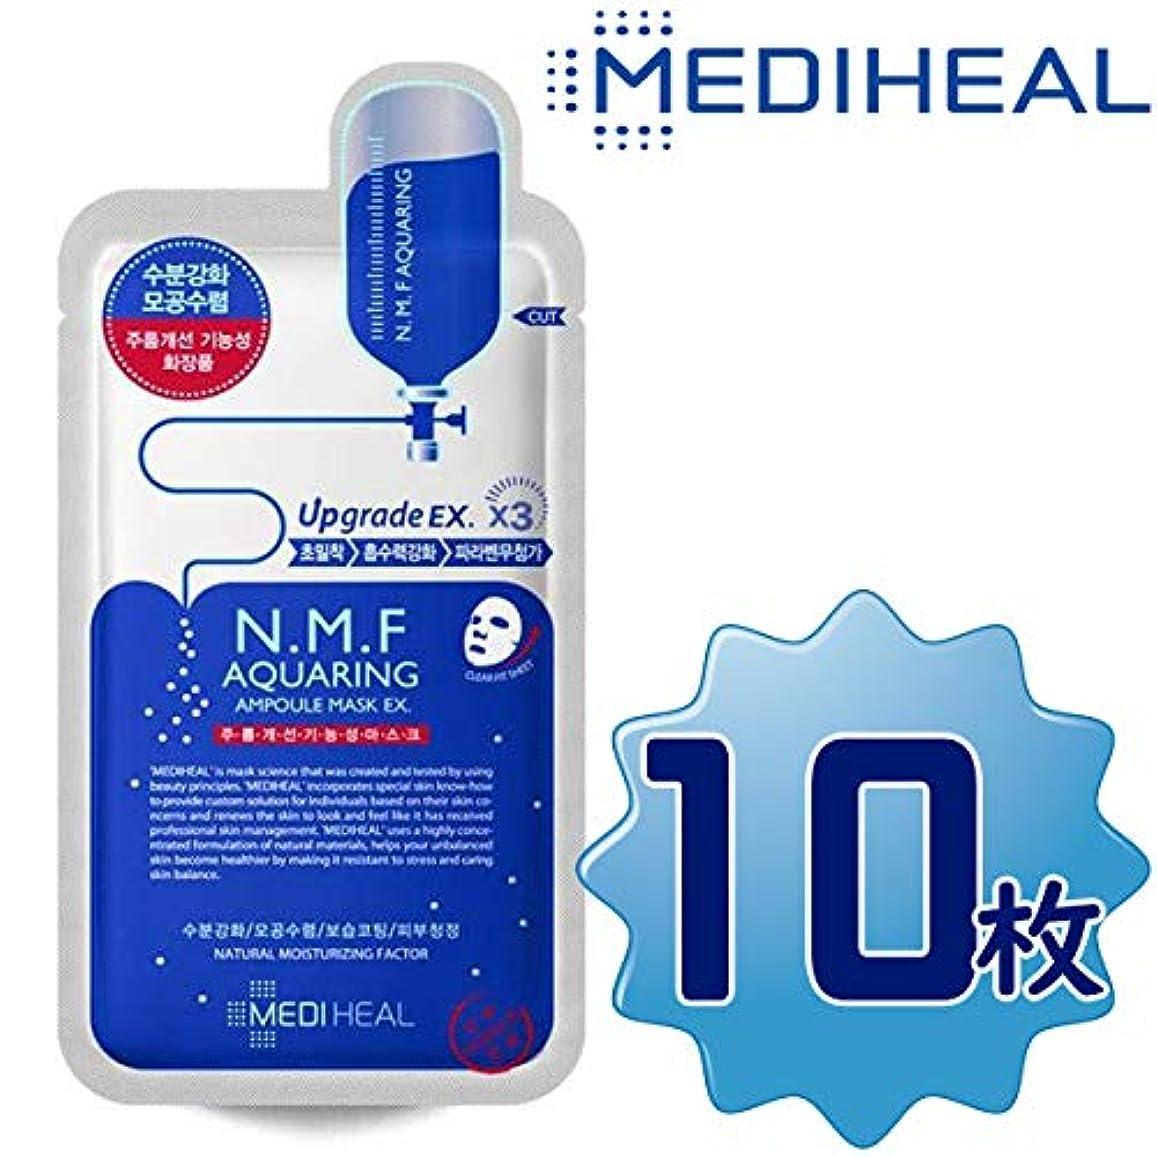 服ビジュアル名前で【正規輸入品】Mediheal メディヒール N.M.F アクアリング アンプル?マスクパックEX 10枚入り×1(Aquaring Ampoule Essential Mask PackEX 1box(10sheet)×1